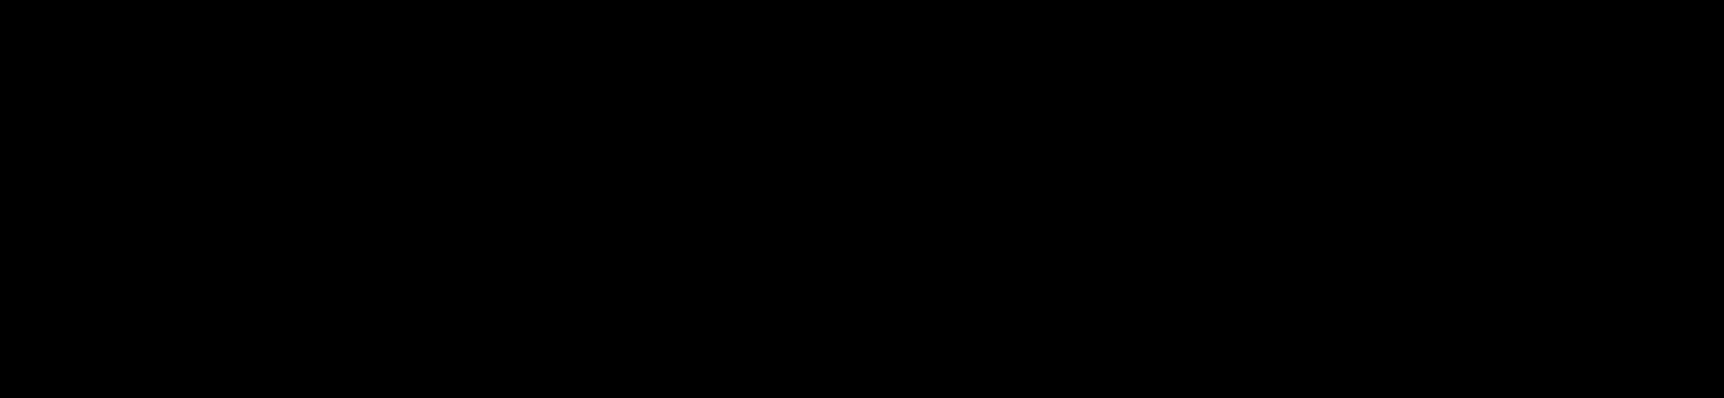 覚え の 原子 方 記号